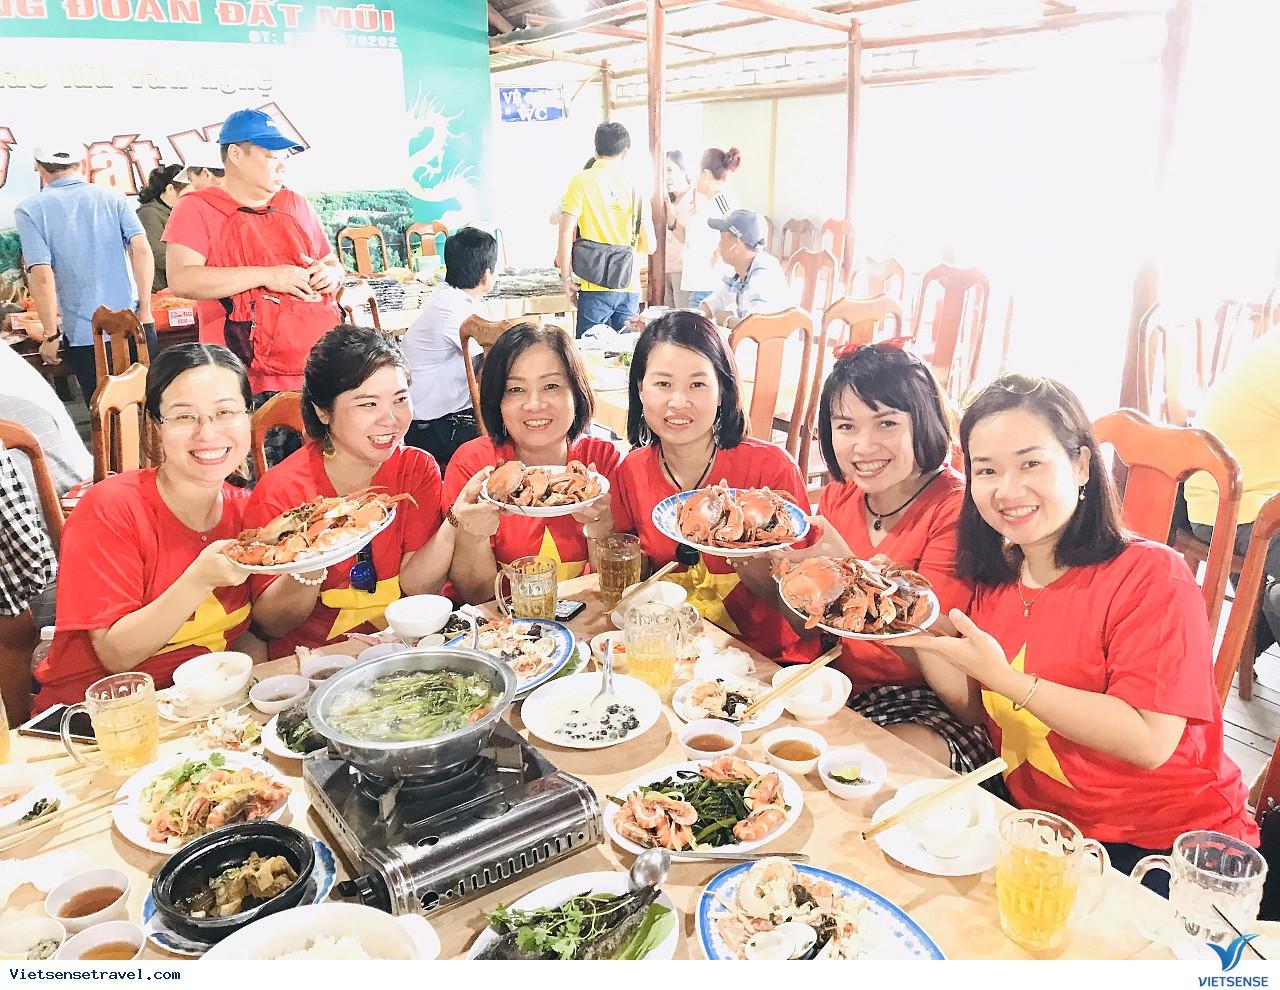 Tour du lịch Hà Nội - Miền Tây 4 ngày 3 đêm: Cần Thơ - Sóc Trăng - Bạc Liêu - Cà Mau - Châu Đốc - Ảnh 6